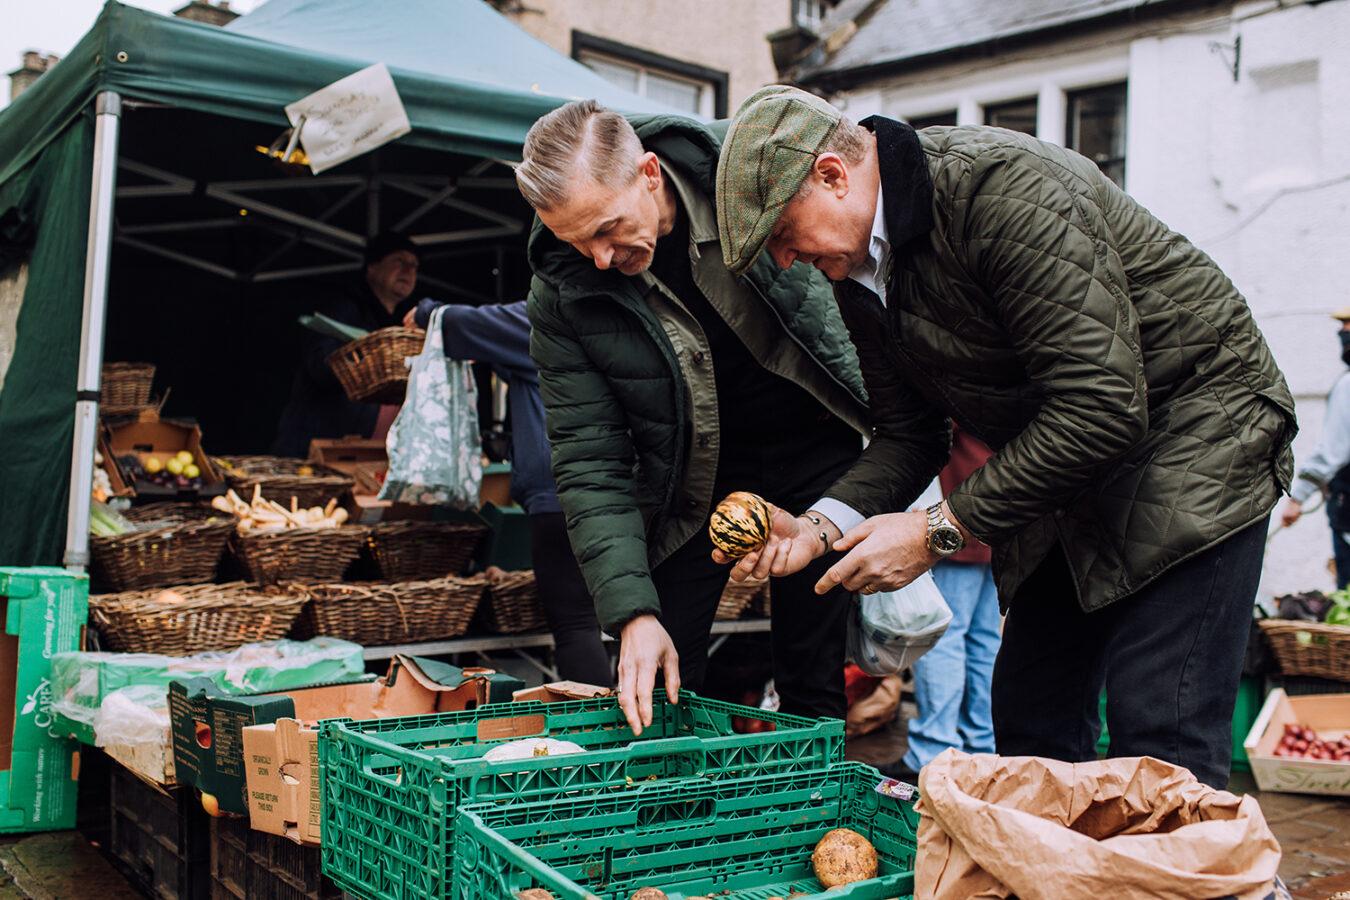 Shopping at a market